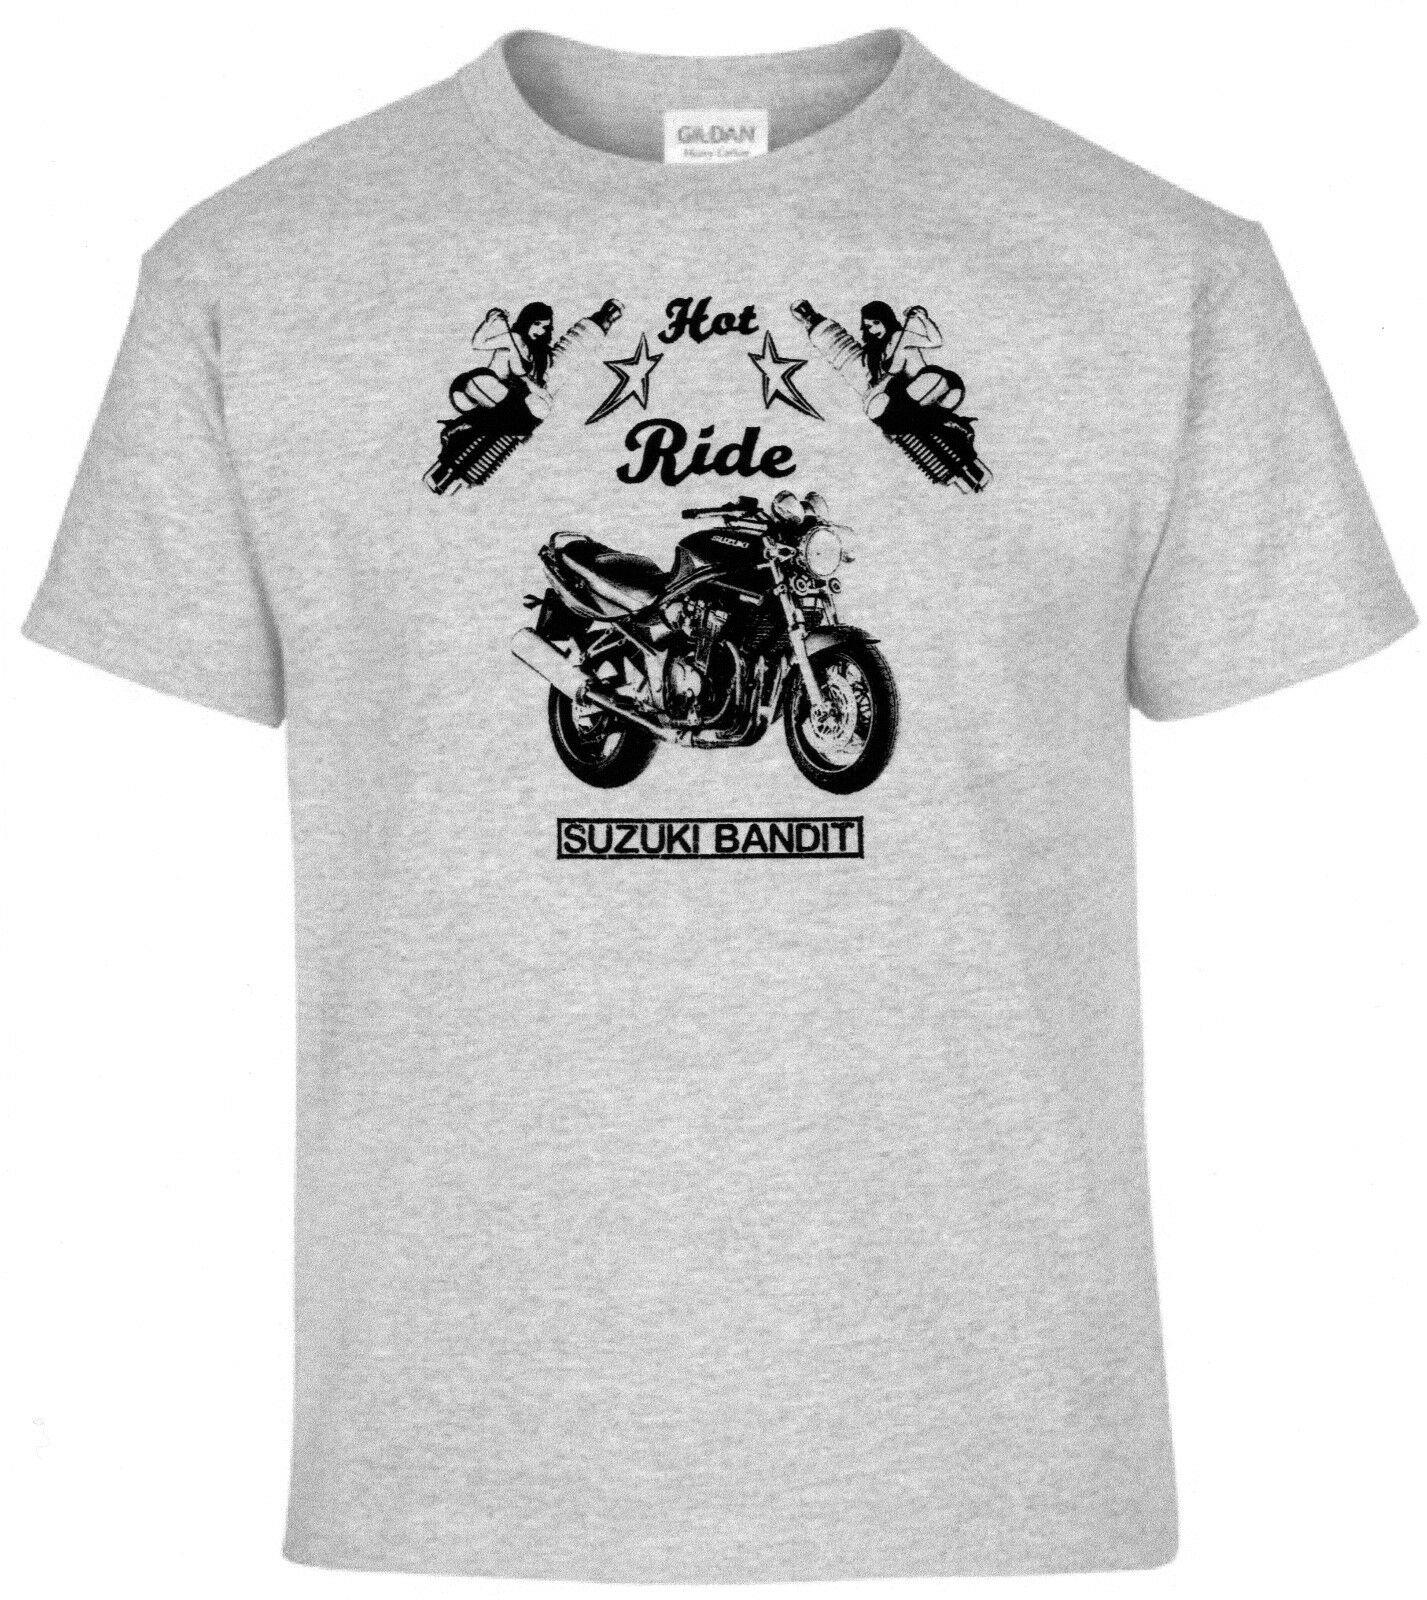 T-Shirt, Suzuki Bandit, Pinup, Motorcycle, Bike, Vintage, Classic Cars